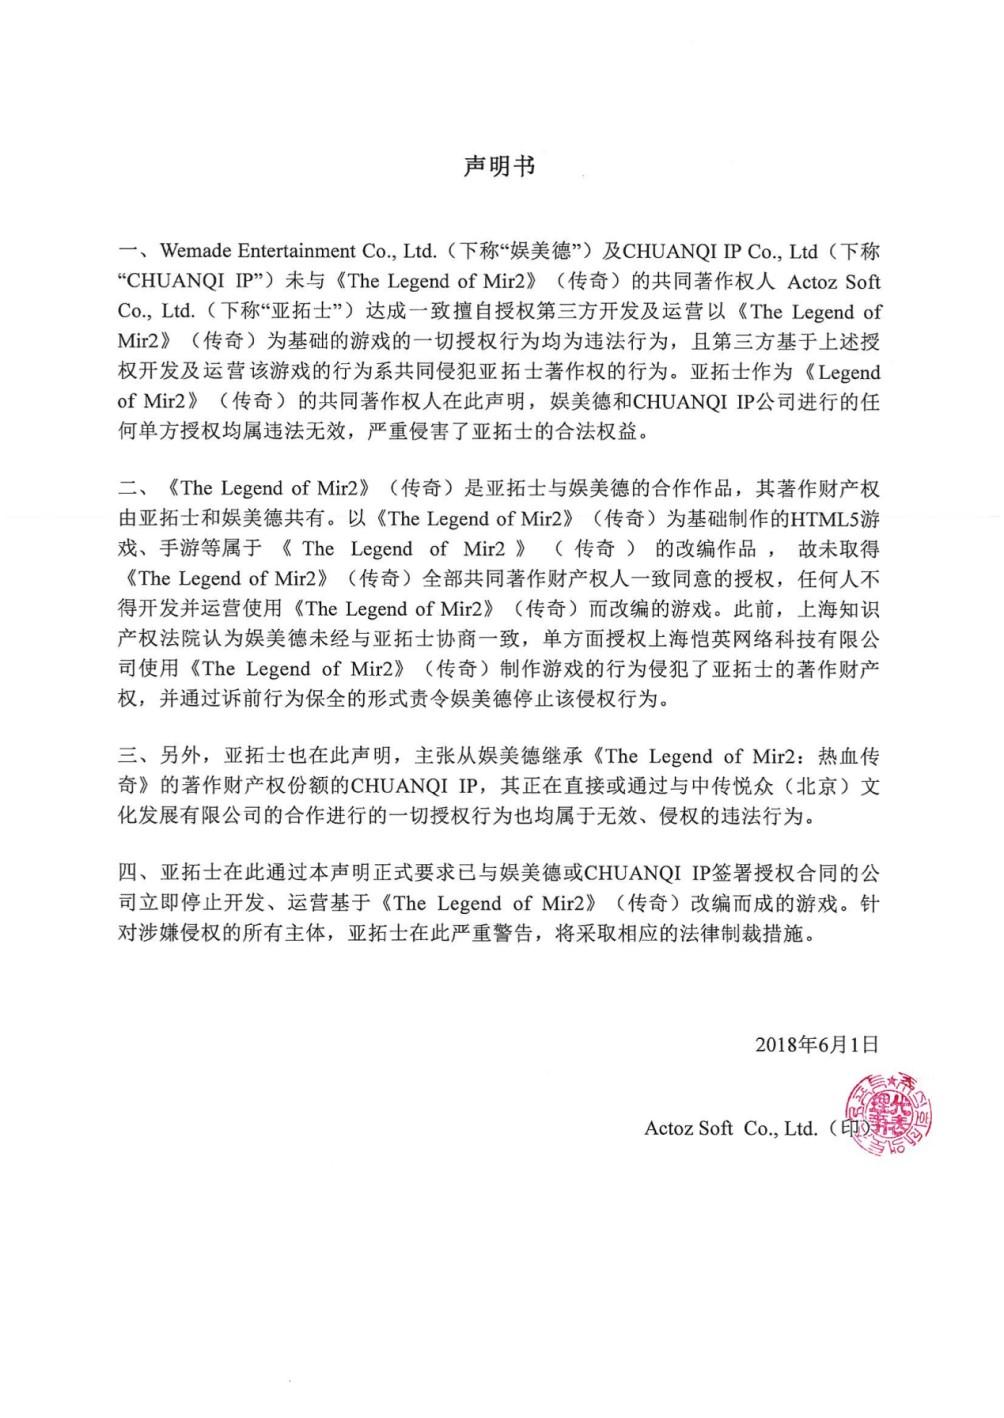 《传奇2》共同著作权人亚拓士声明:坚决不承认并将严厉打击娱美德非法授权